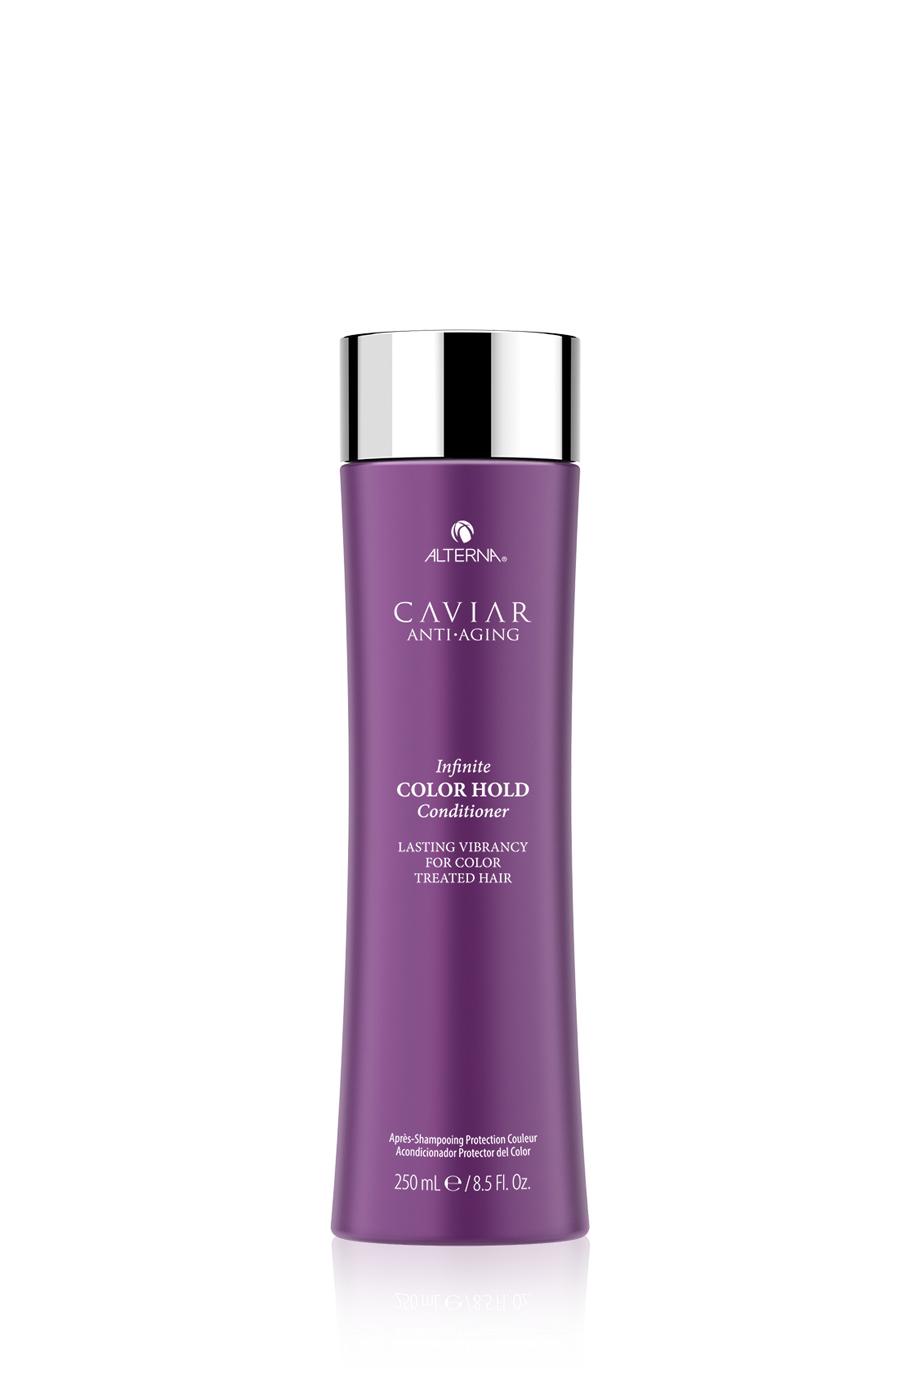 CAVIAR Anti-Aging Infinite Color Hold Conditioner Кондиционер-ламинирование для окрашенных волос с комплексом фиксации цвета, 250мл